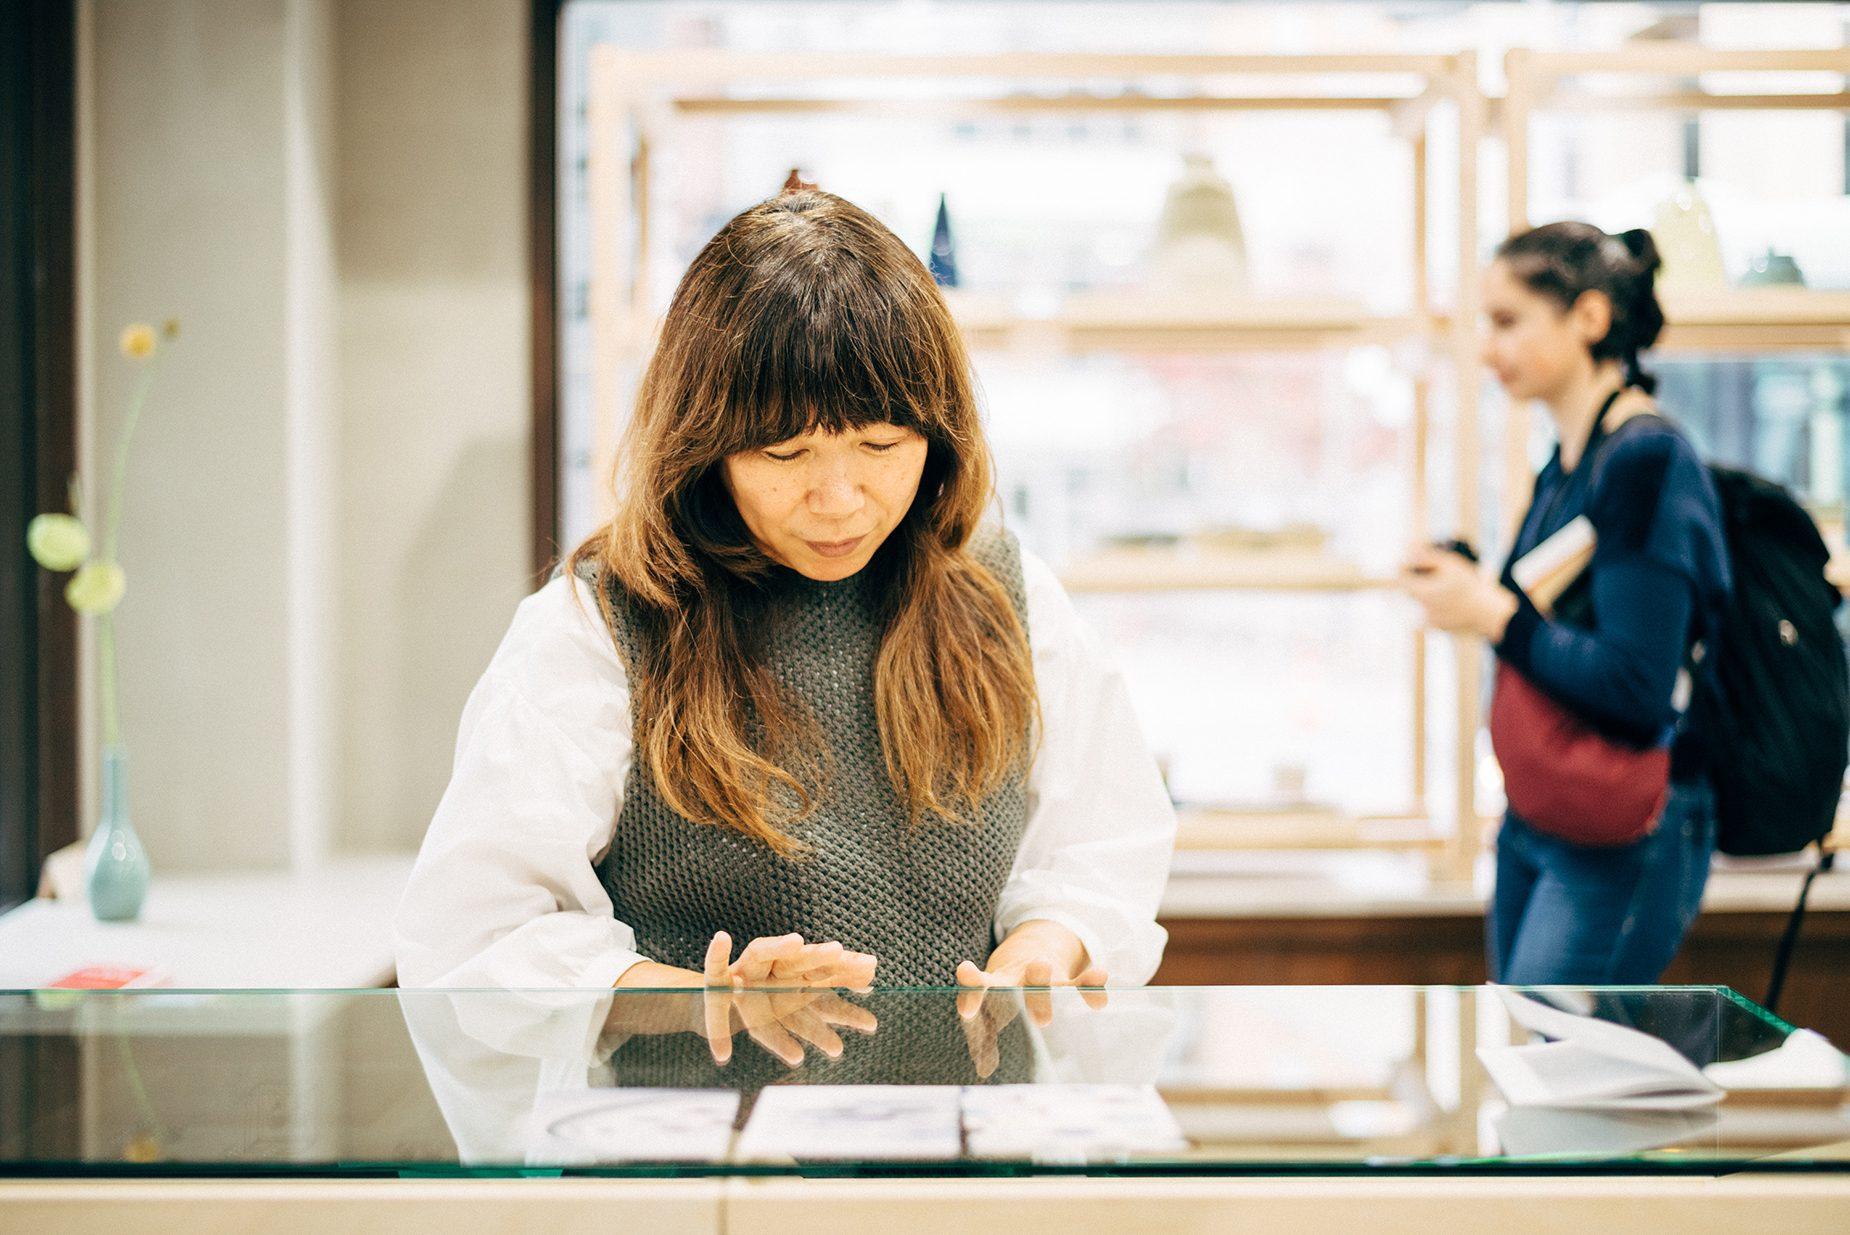 取材中も海外からの観光客がふらりと入店。